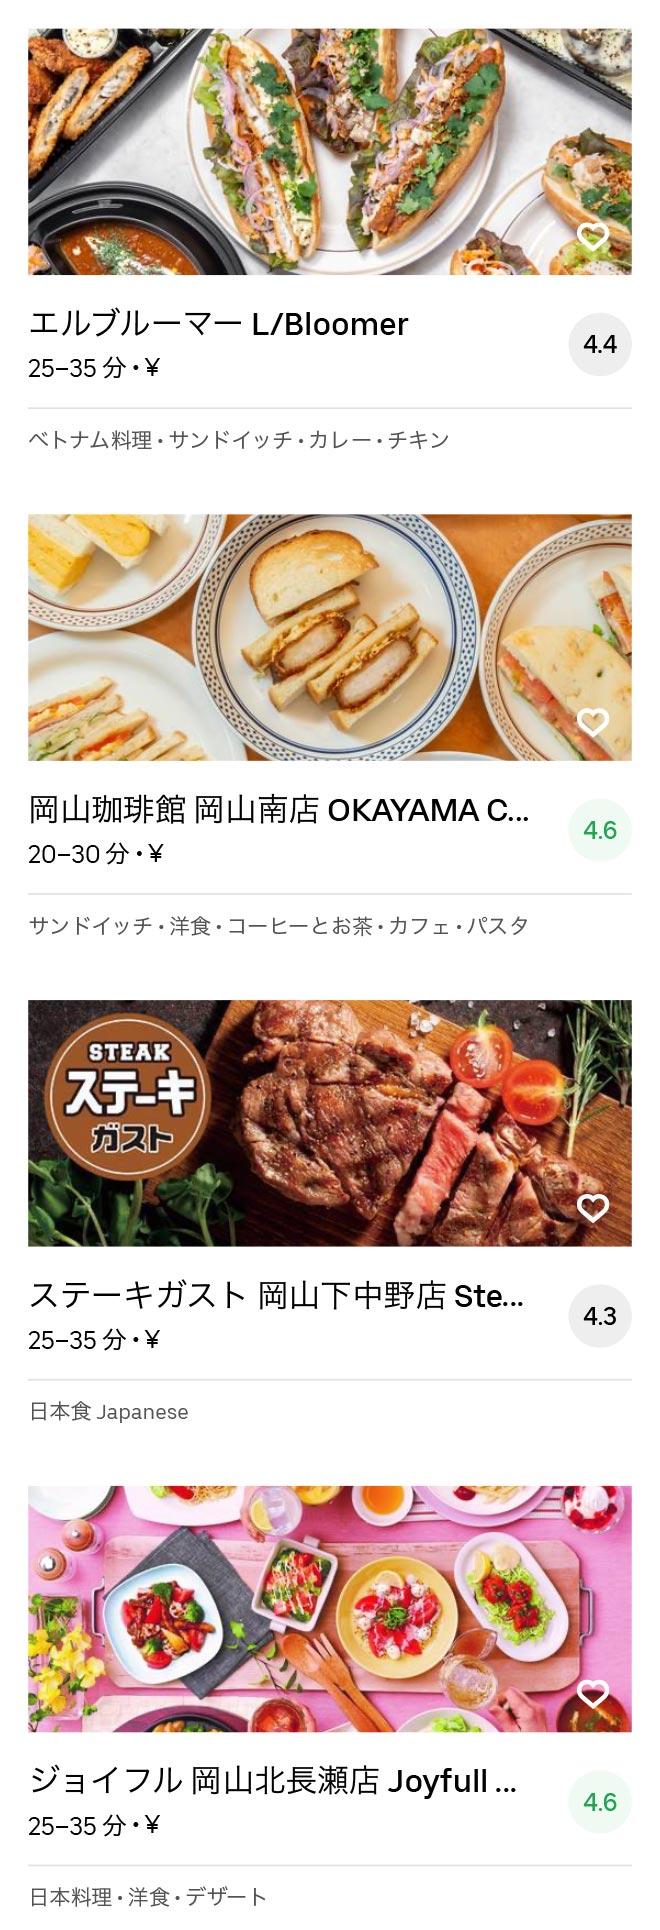 Bizen nishiichi menu 2007 05